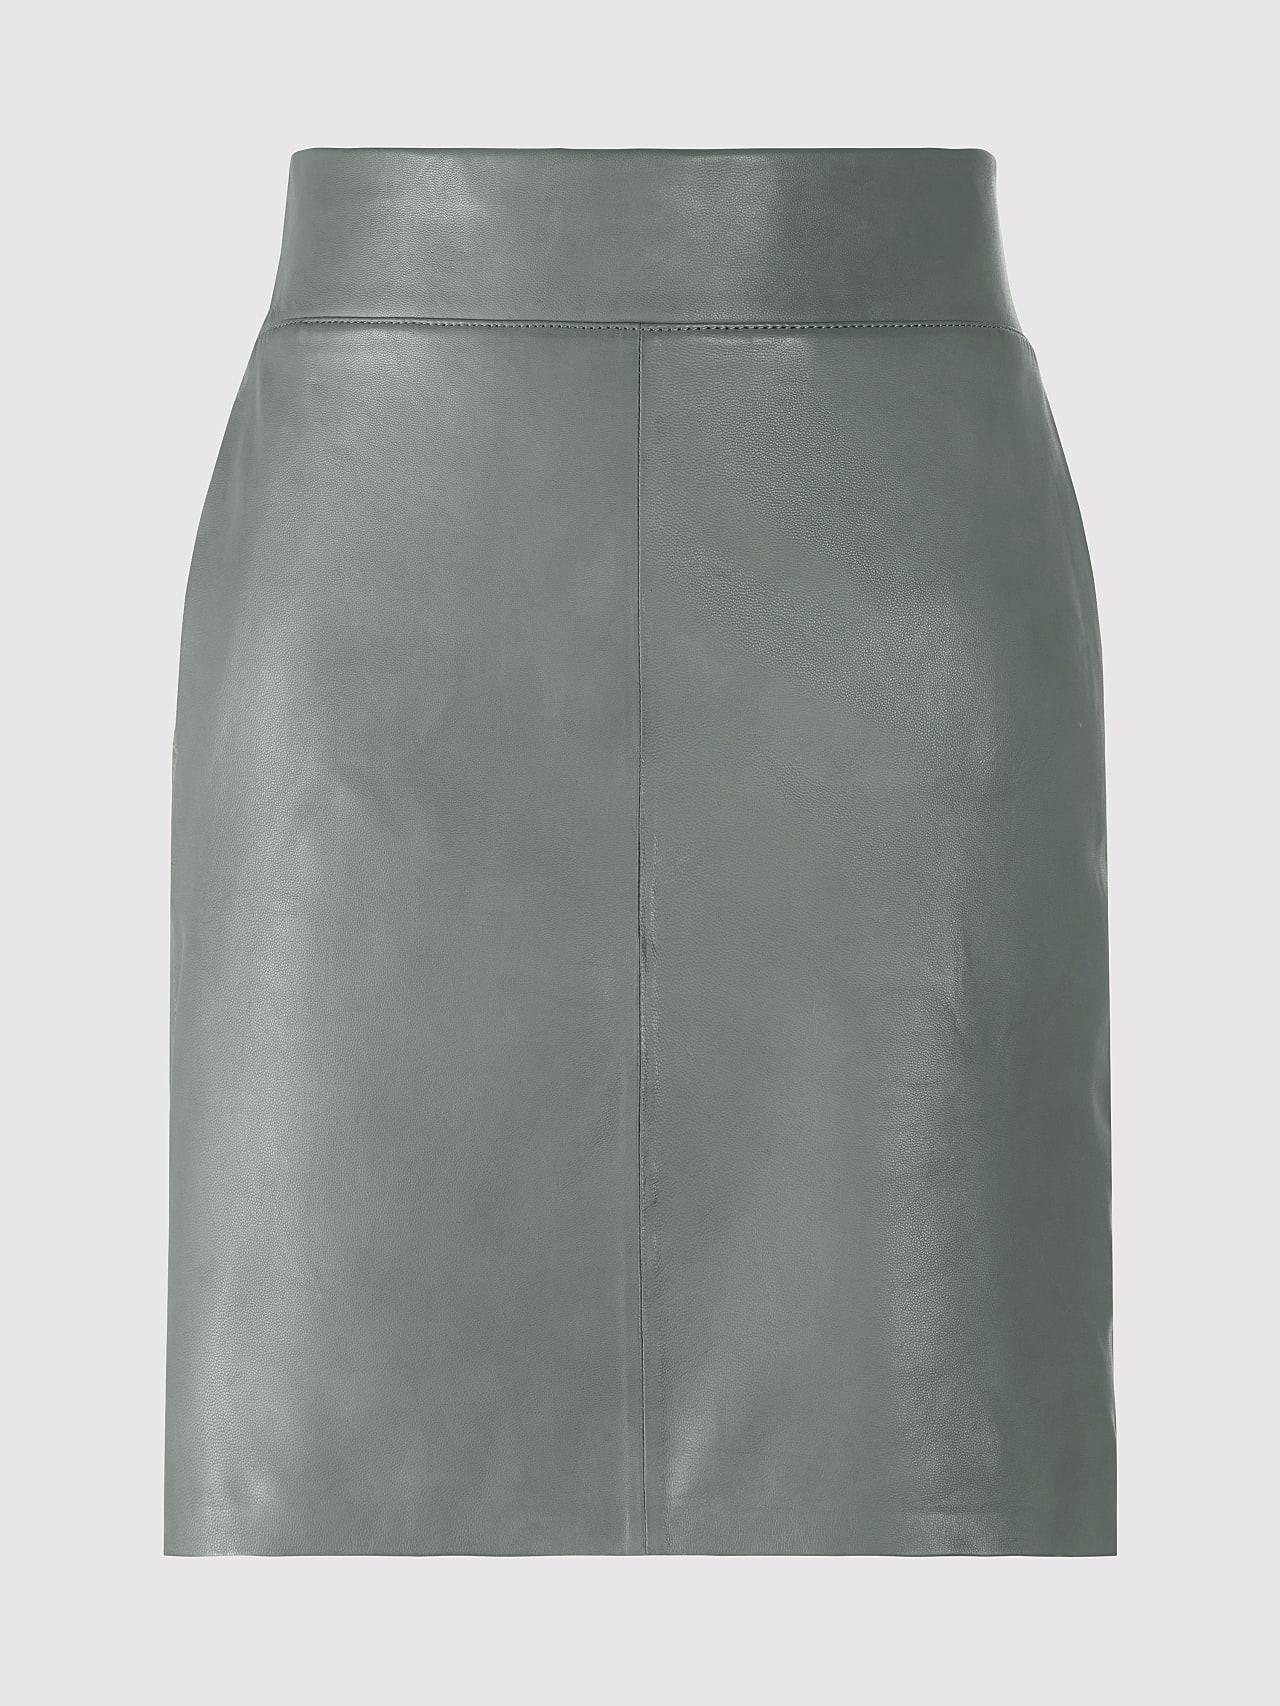 LEXSI V1.Y5.01 Leather Pencil Skirt Grey Back Alpha Tauri